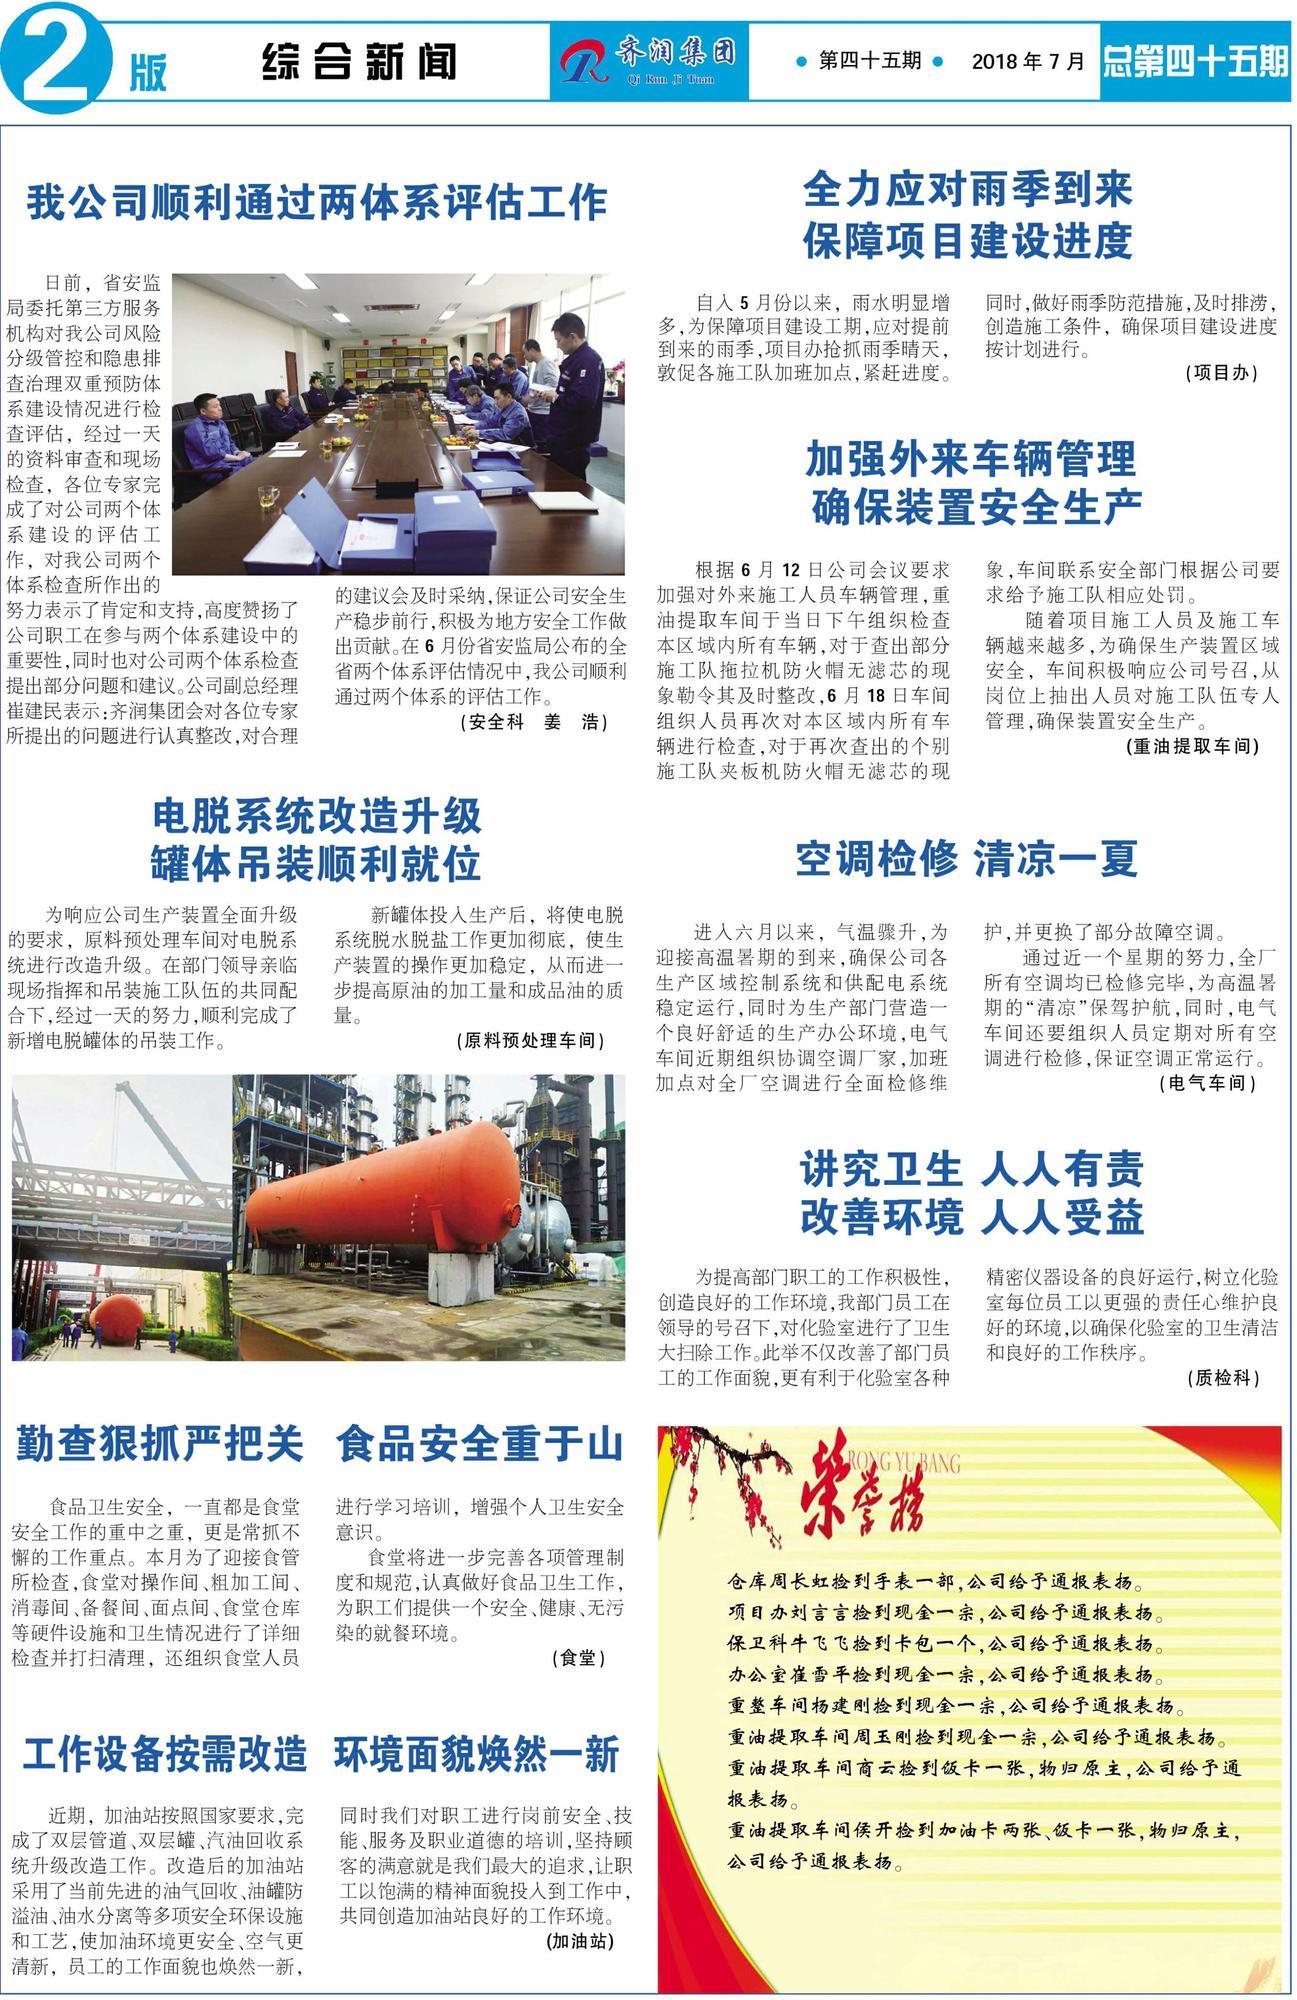 亚博体育官方登陆报第45期最终-2~1.jpg